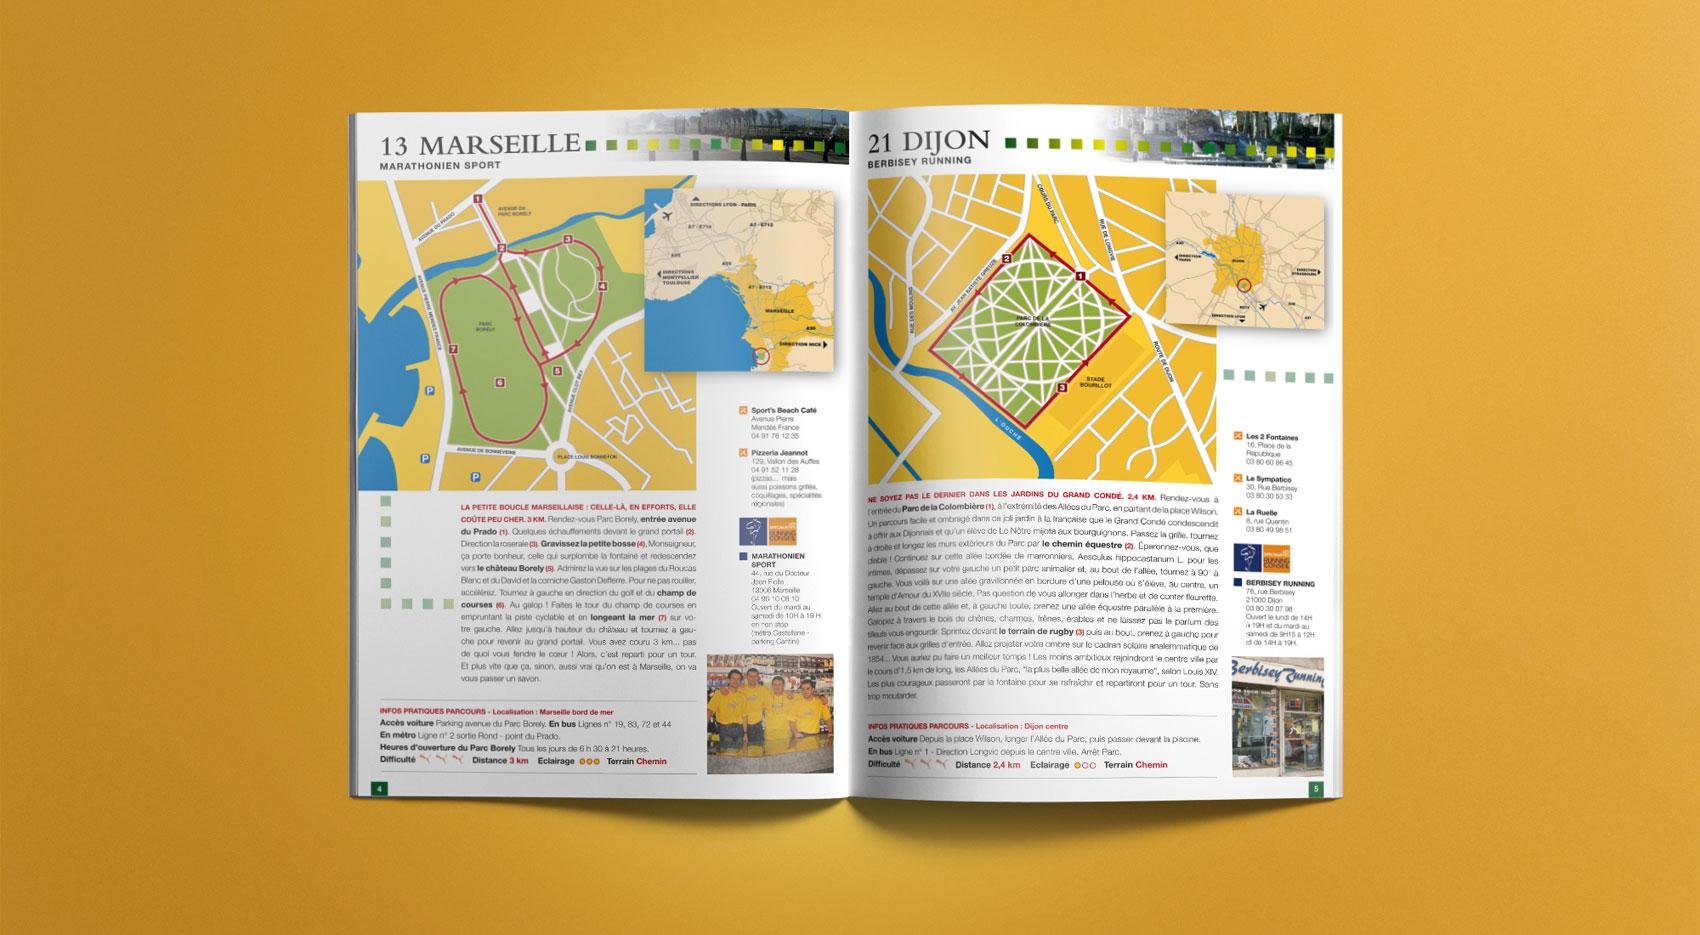 puma-travel-guide-3